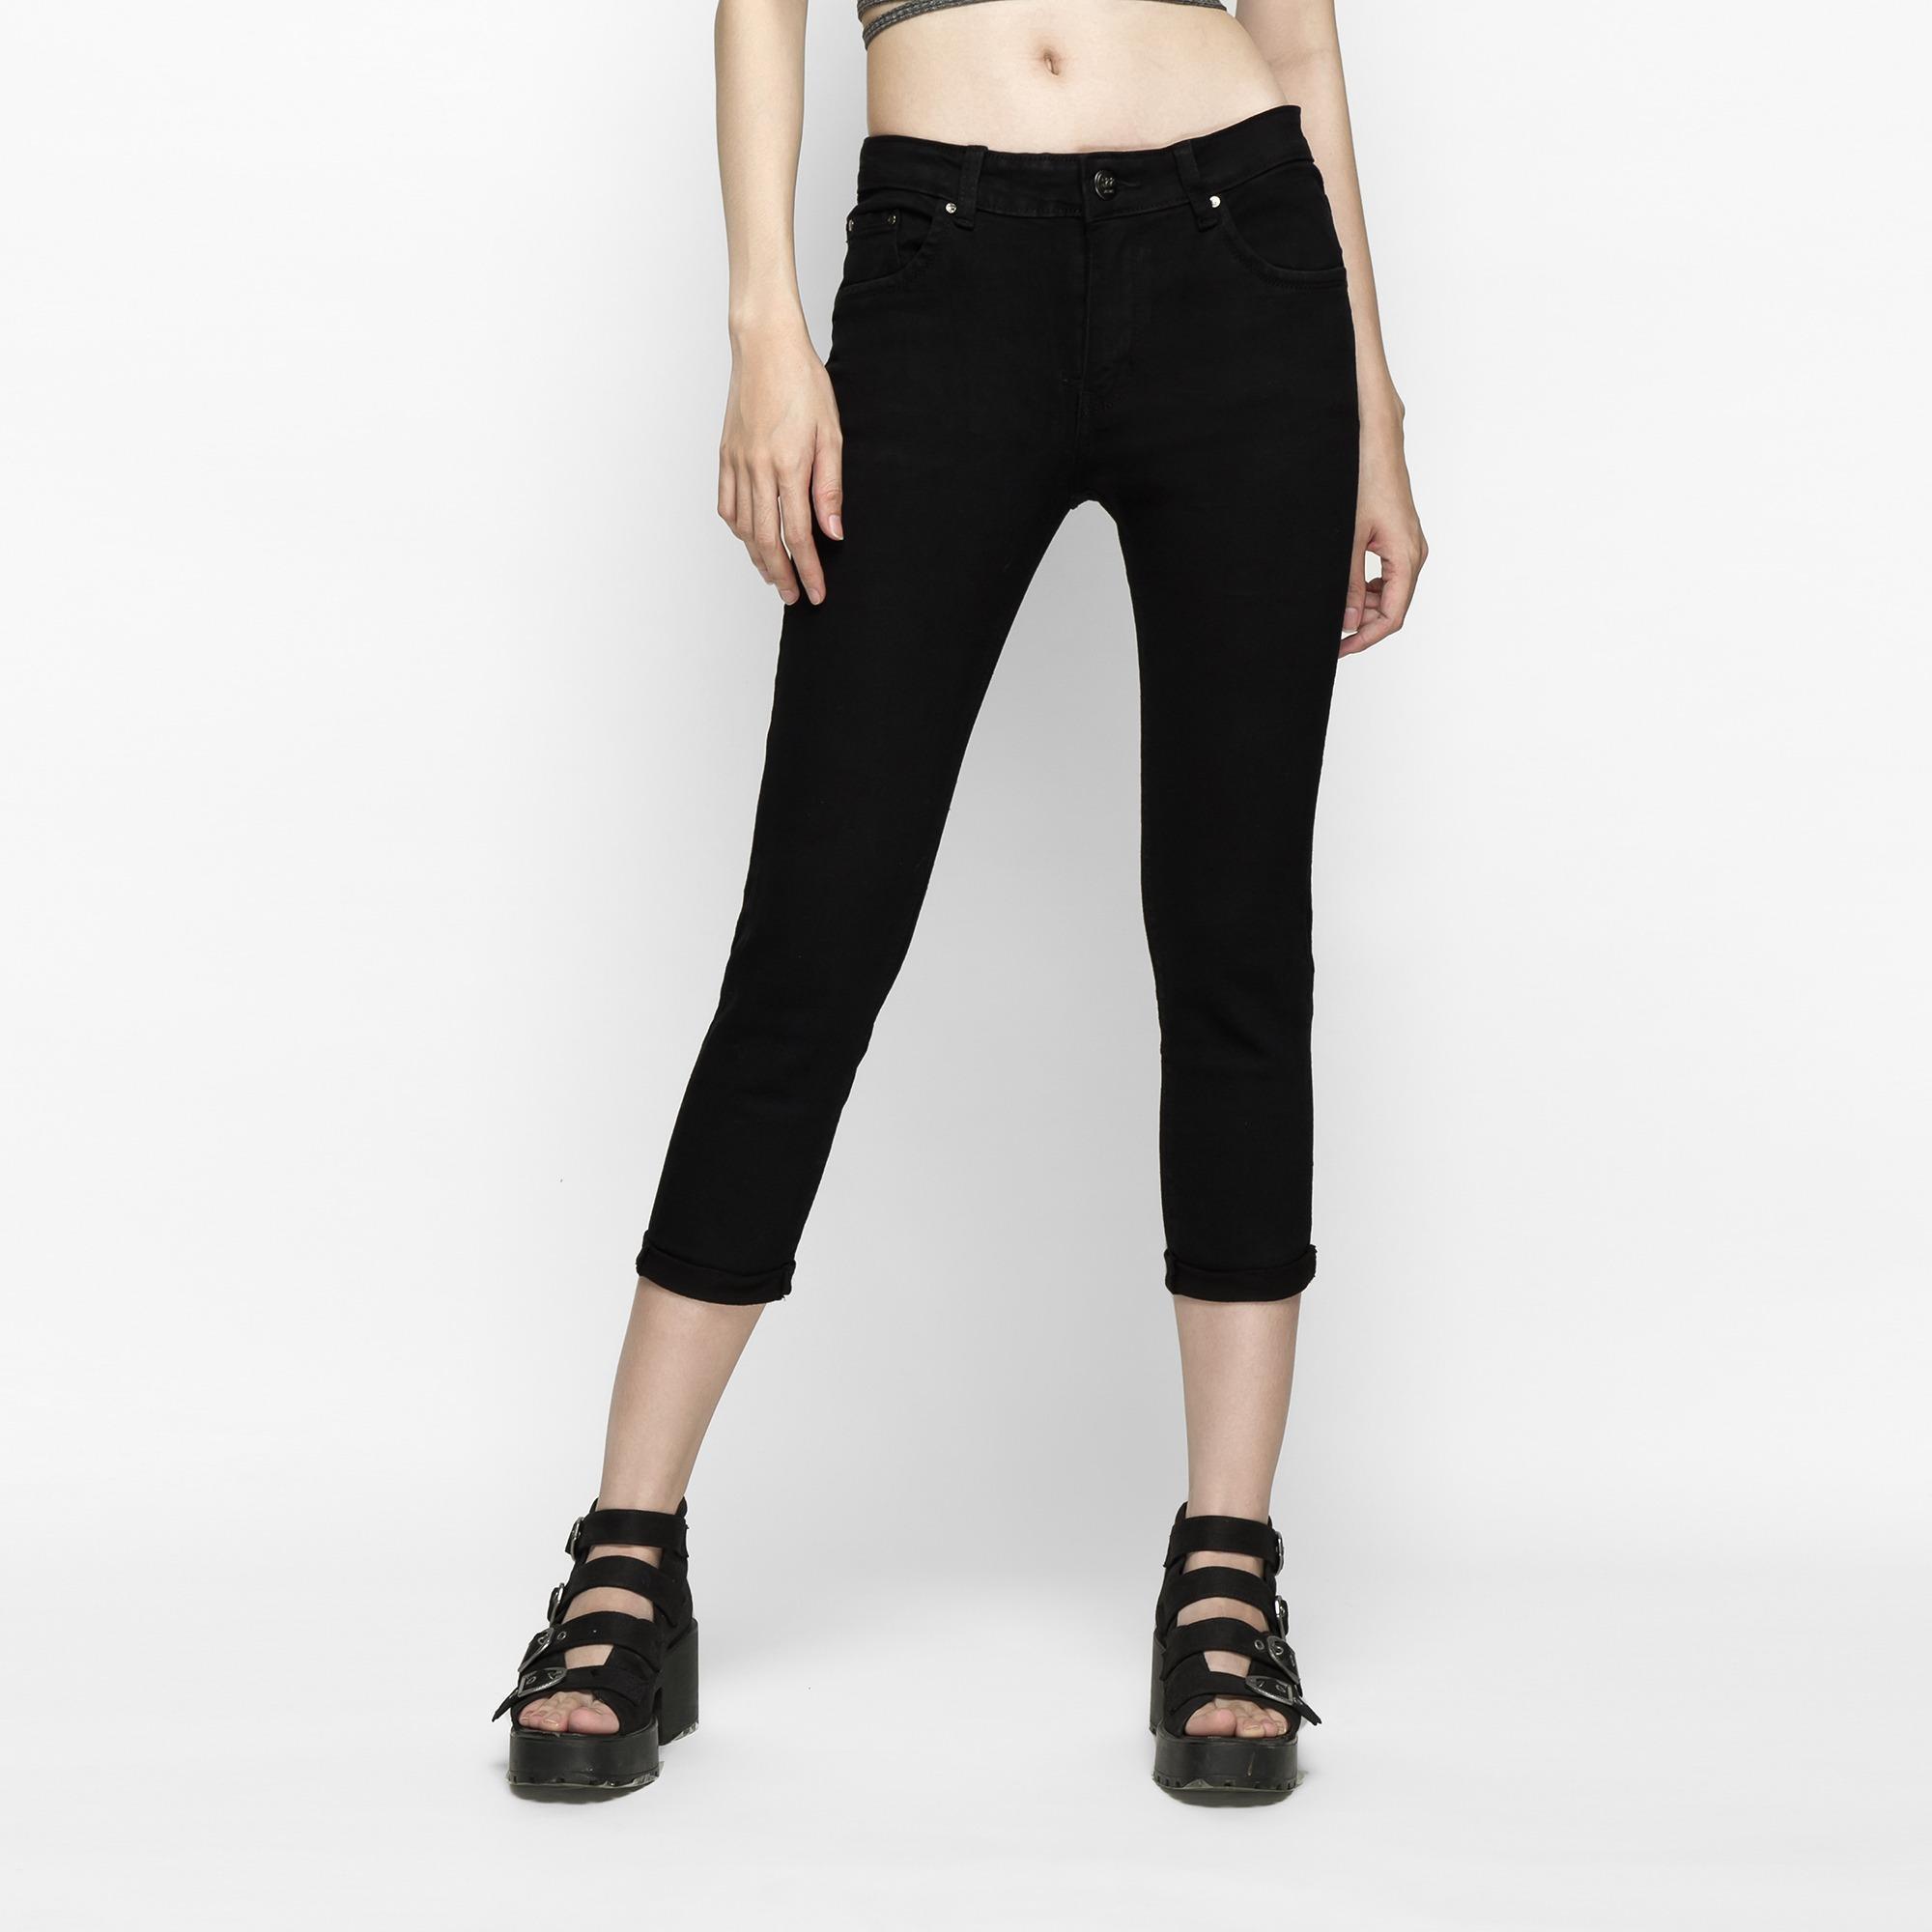 Quần Jeans Nữ Lửng Dáng Ôm (Skinny) Lưng Vừa Màu Đen – AAA JEANS